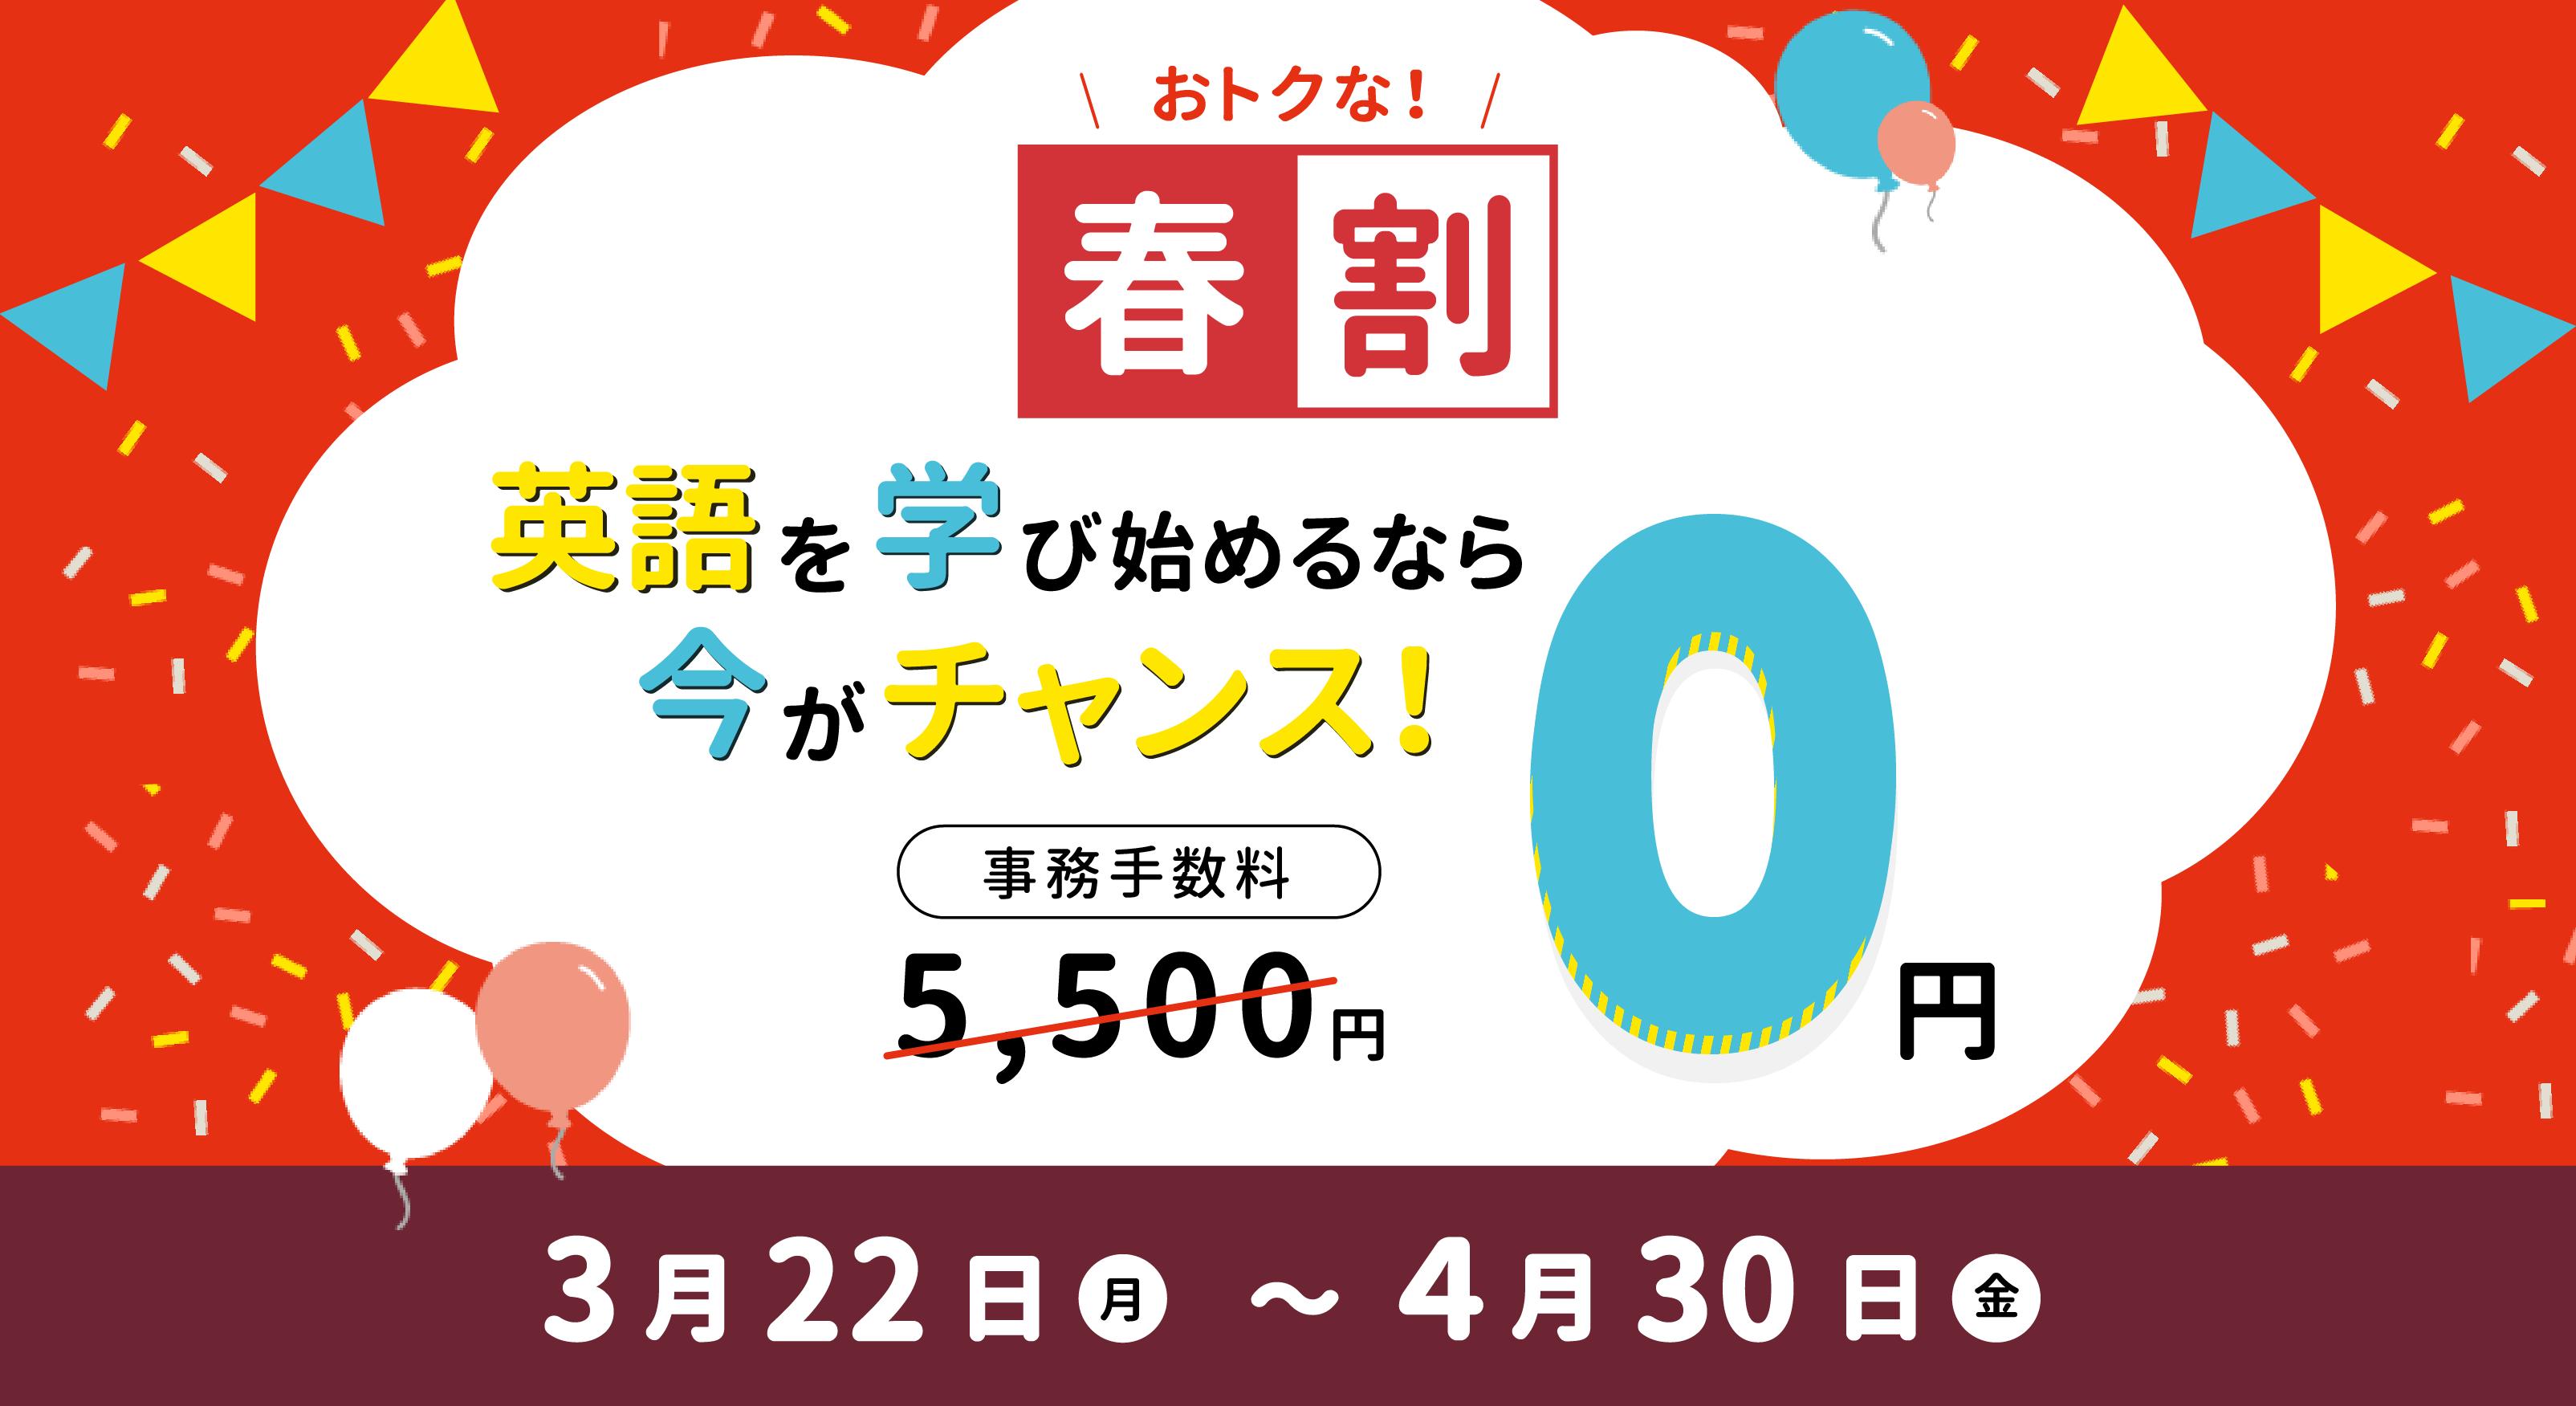 お得な春割で事務手数料が0円に!